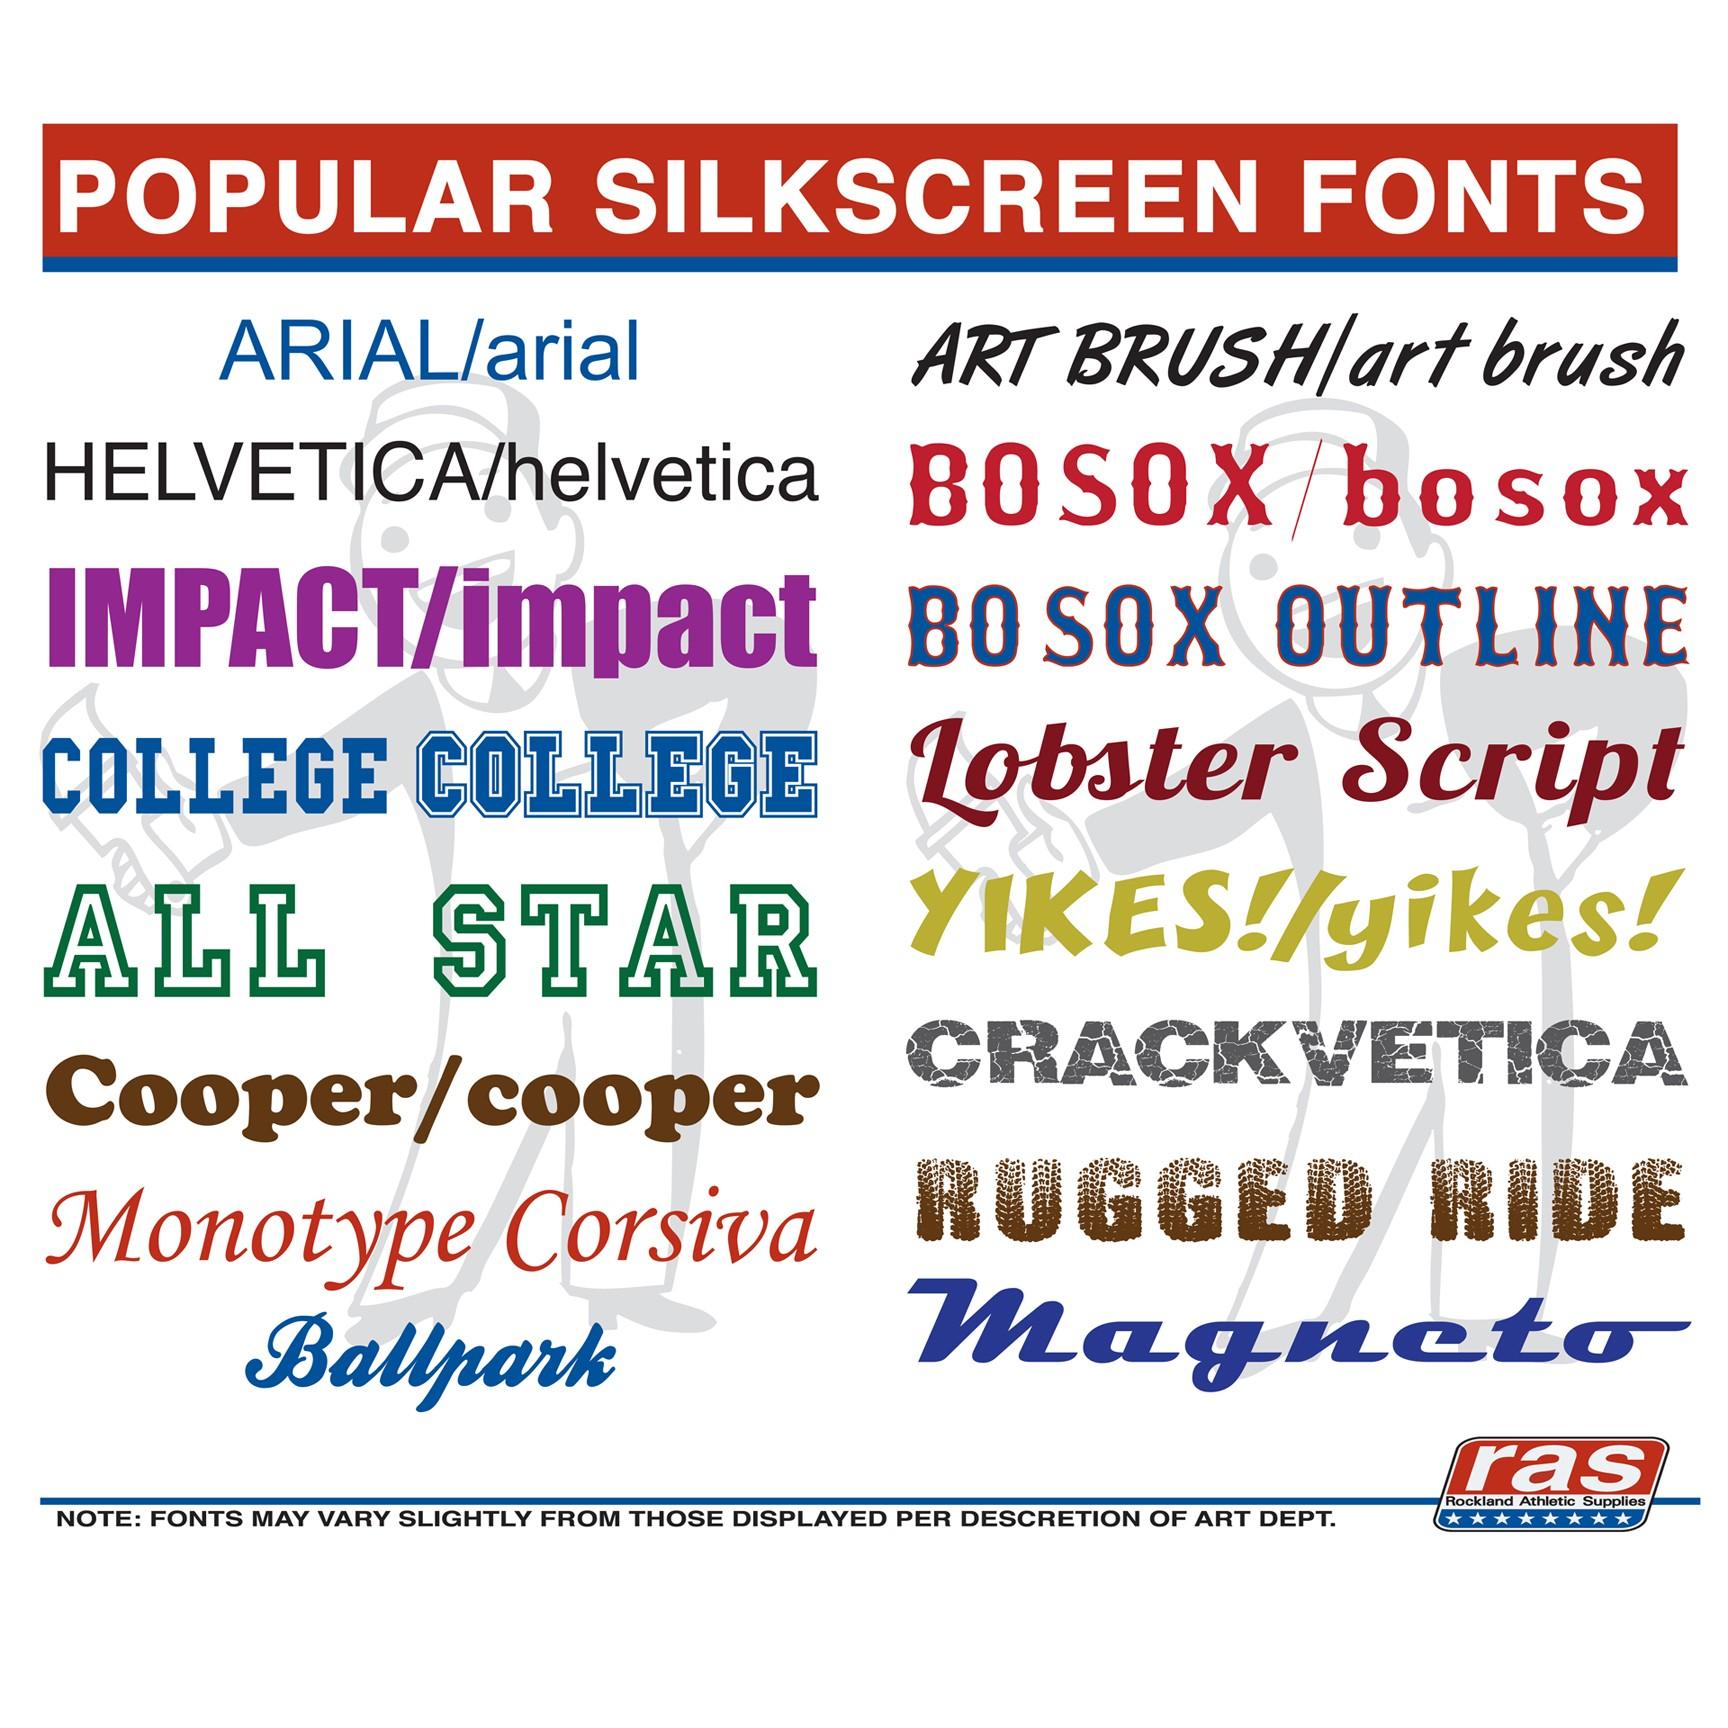 Popular Silkscreen Fonts